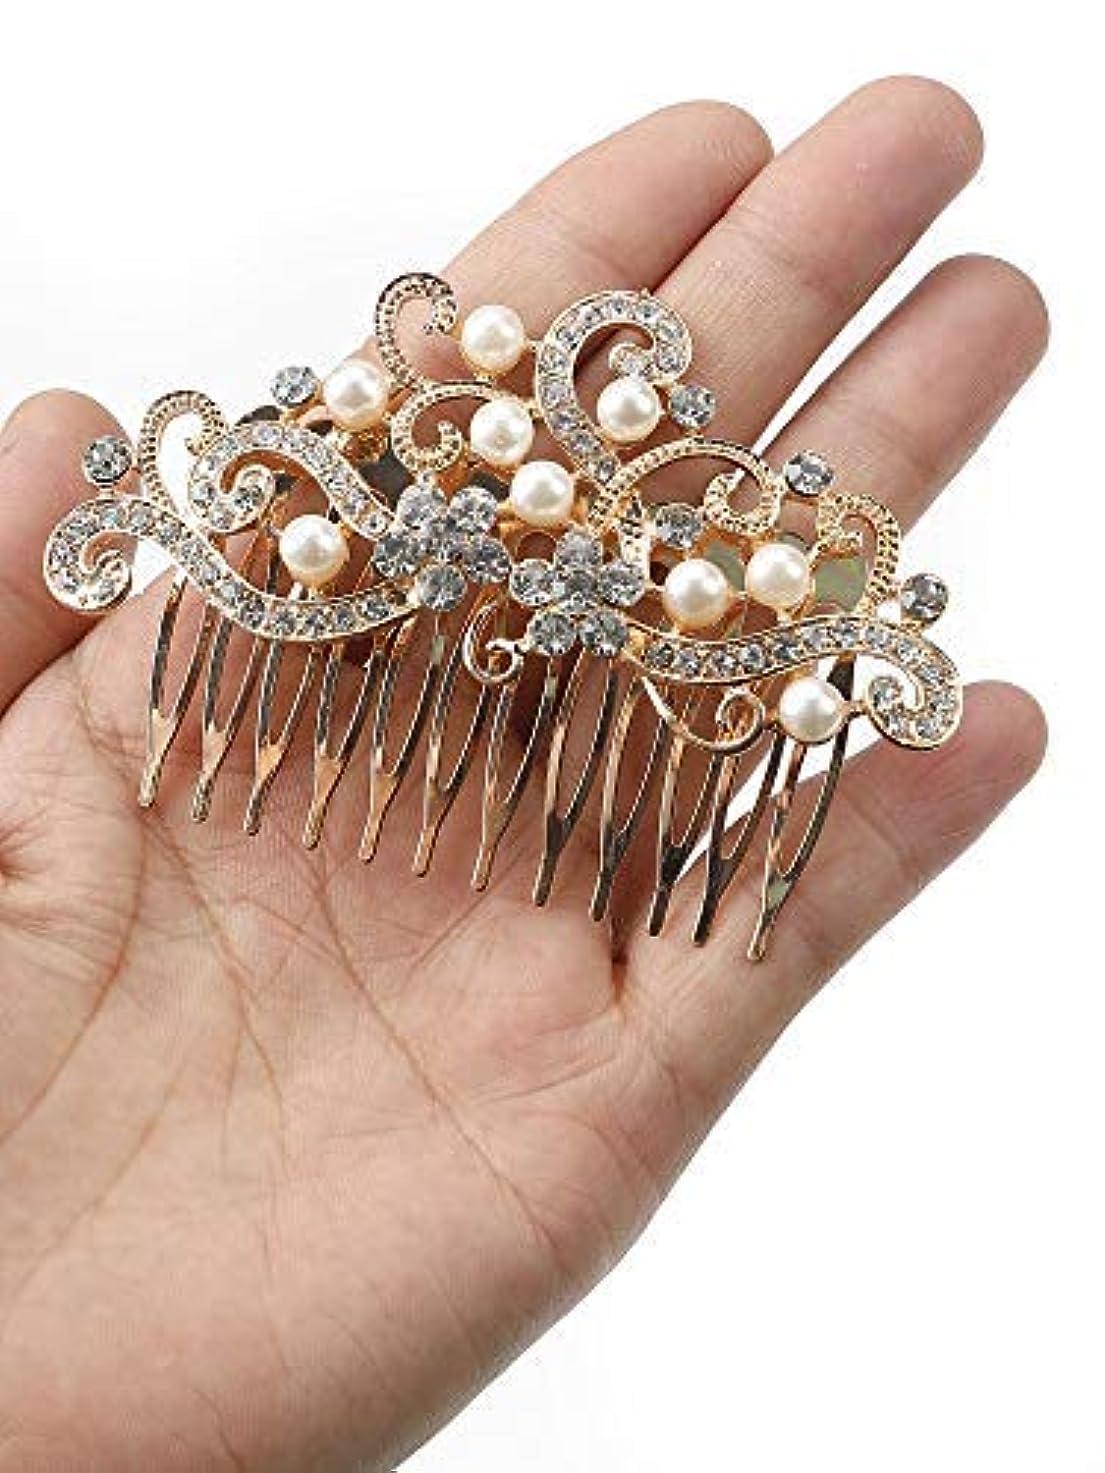 最初に根絶する恥ずかしいFXmimior Bridal Women Vintage Wedding Party Crystal Rhinestone Vintage Hair Comb Hair Accessories (GOLD) [並行輸入品]